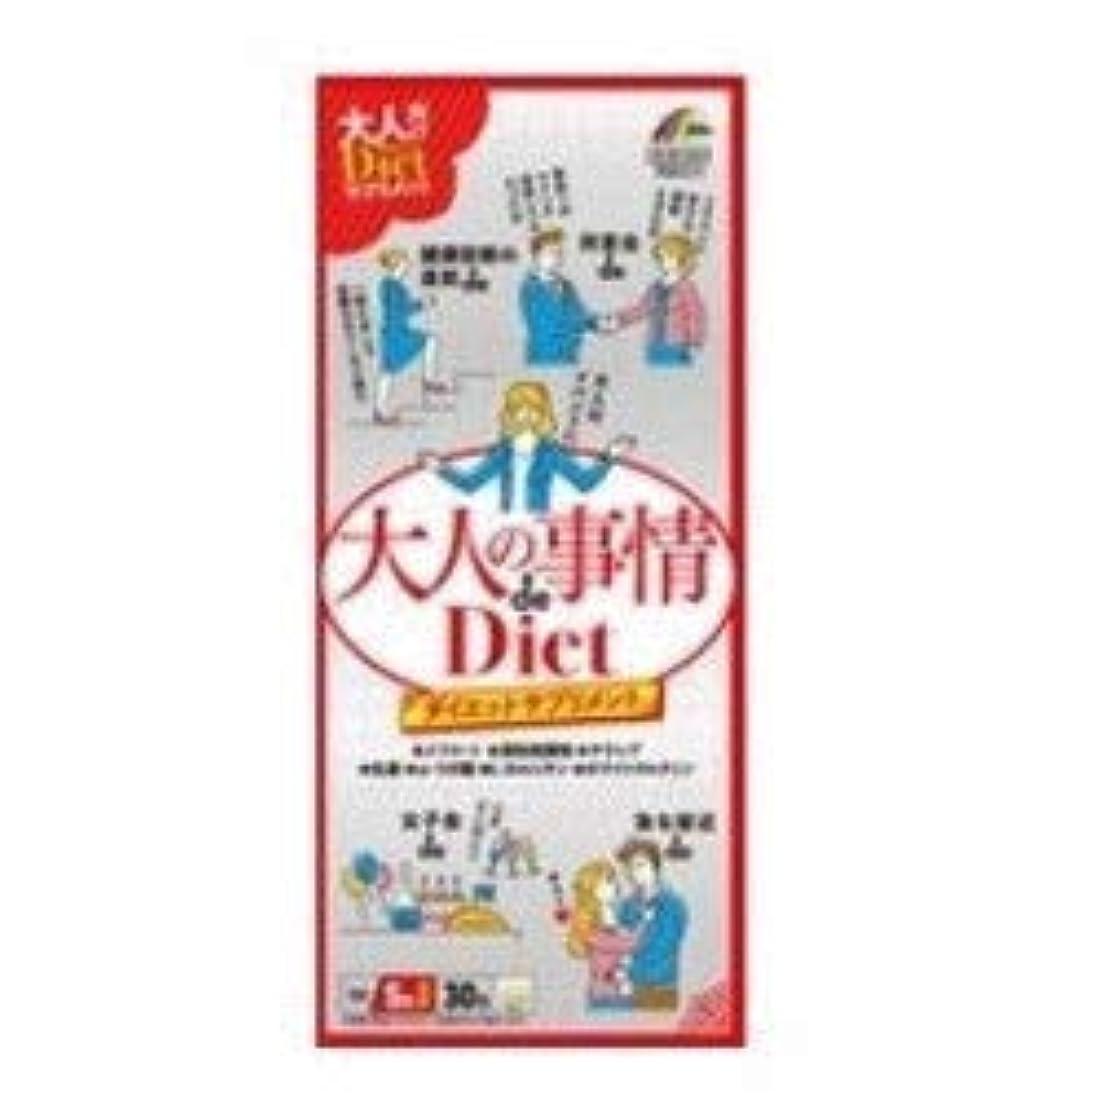 レンダリング土砂降りキモい【ユニマットリケン】大人の事情ダイエット 30包×3